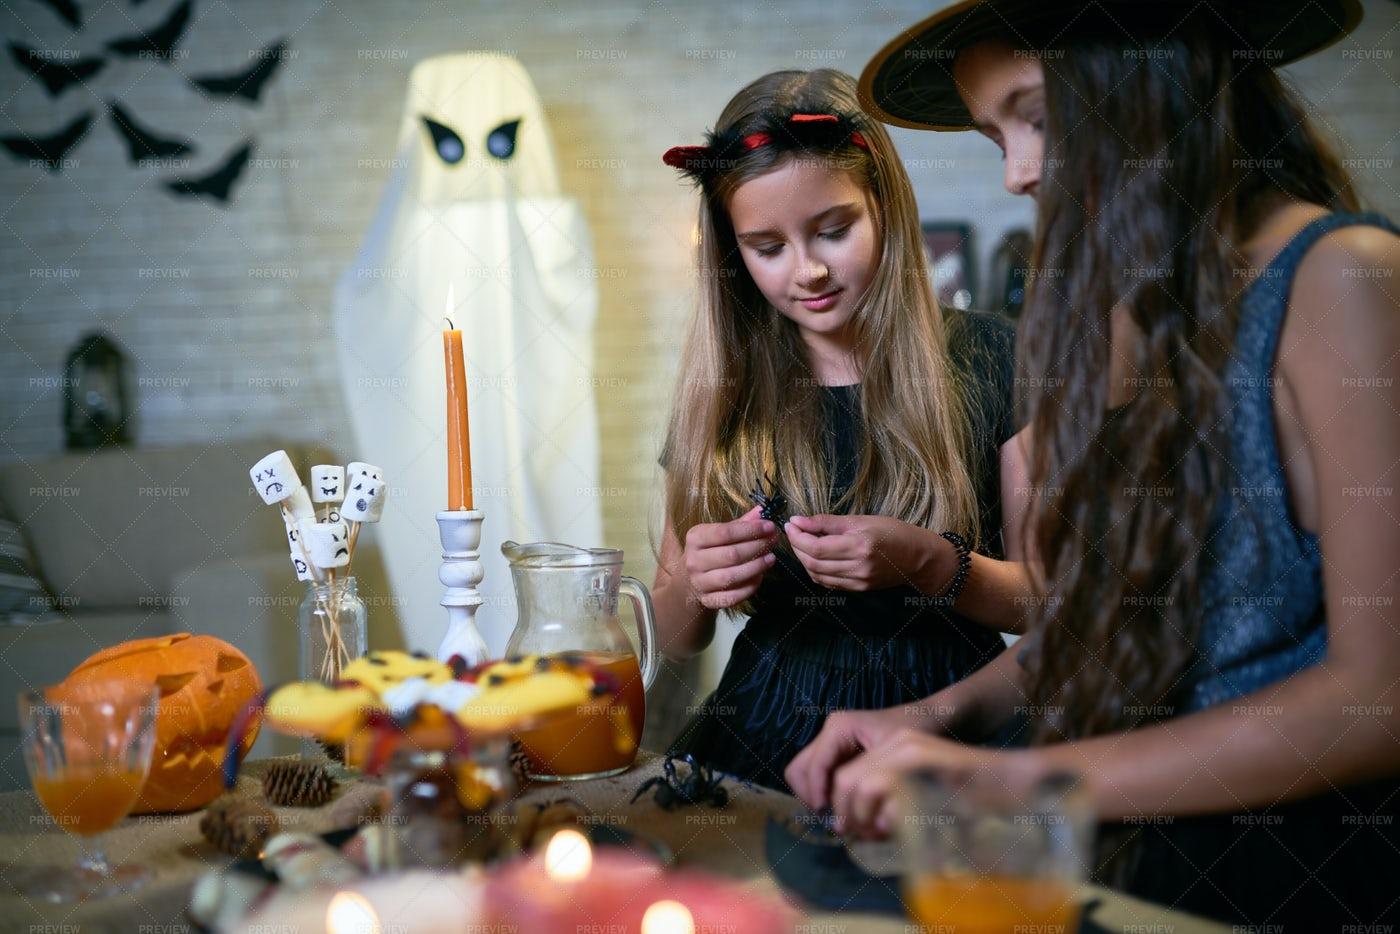 DIY Halloween Crafts For Kids: Stock Photos